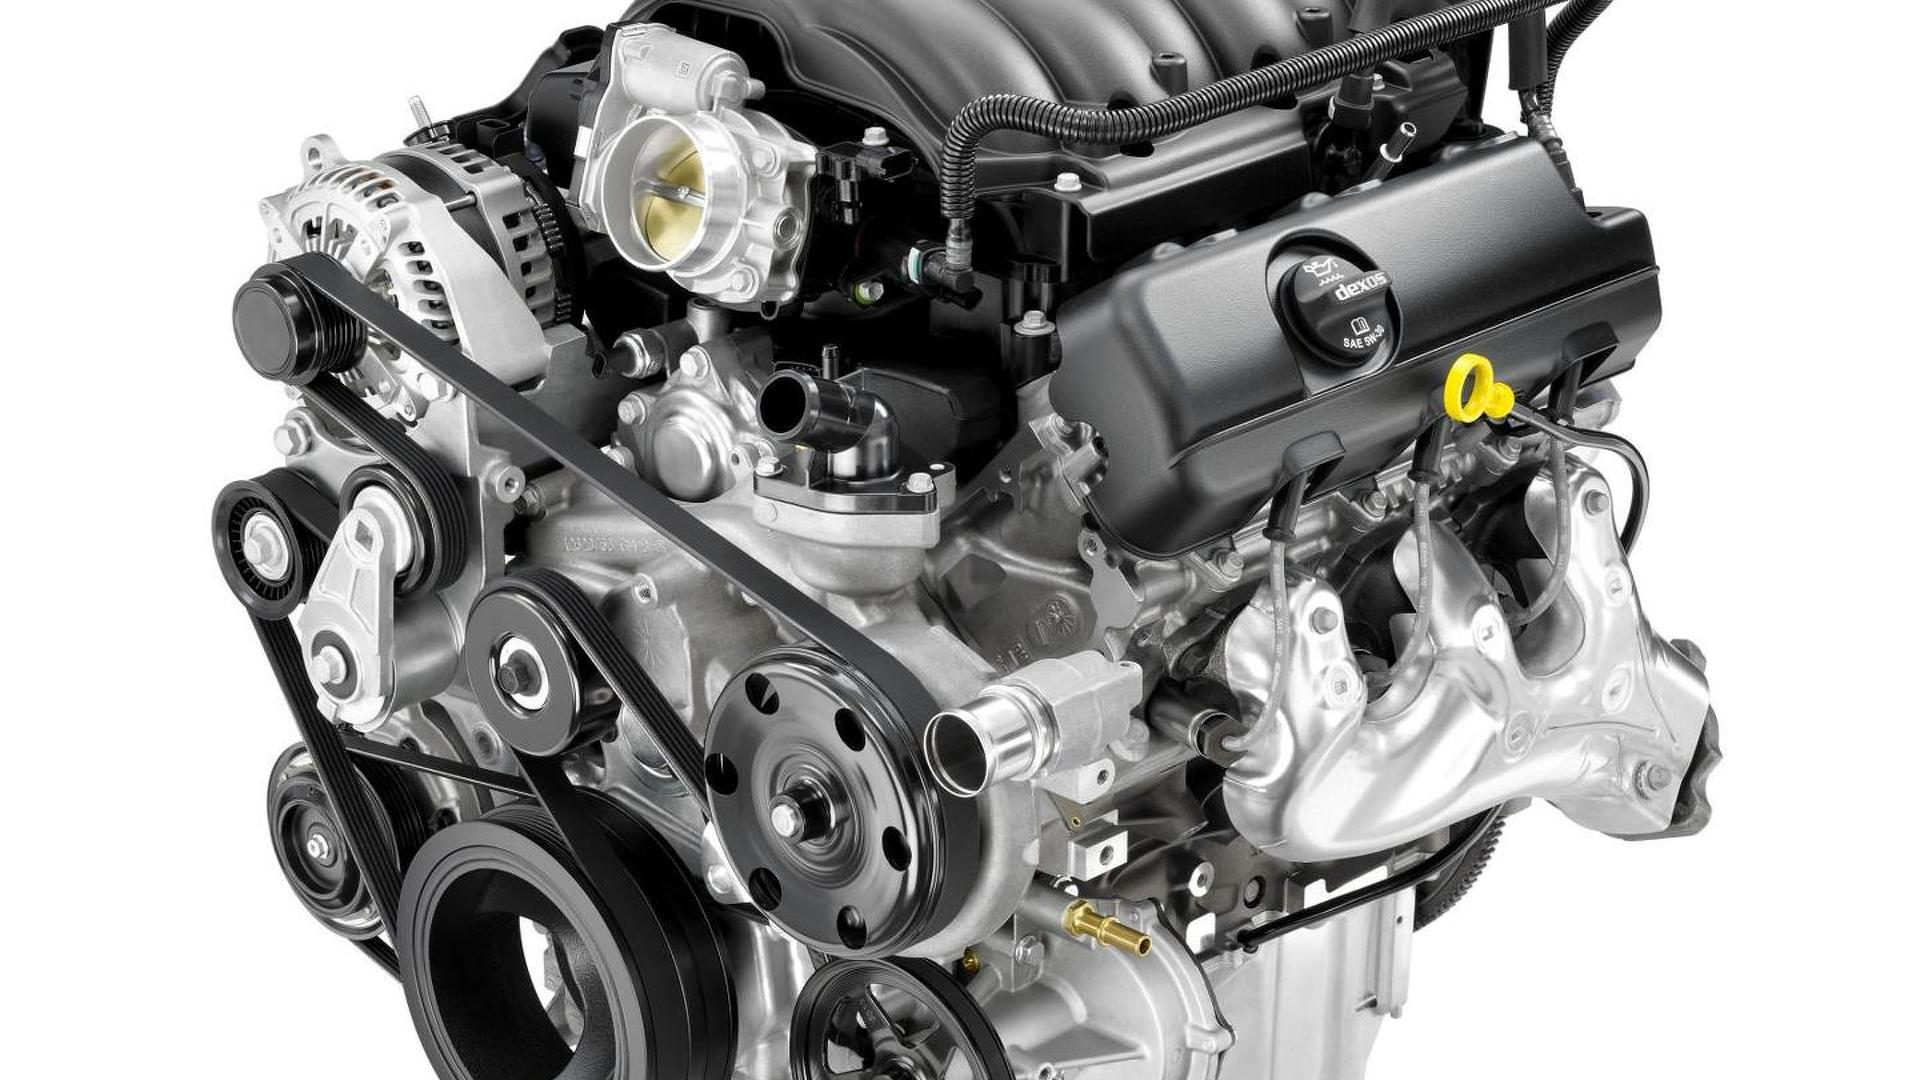 2014 GMC Sierra with V6 4.3-liter to provide 305 lb-ft